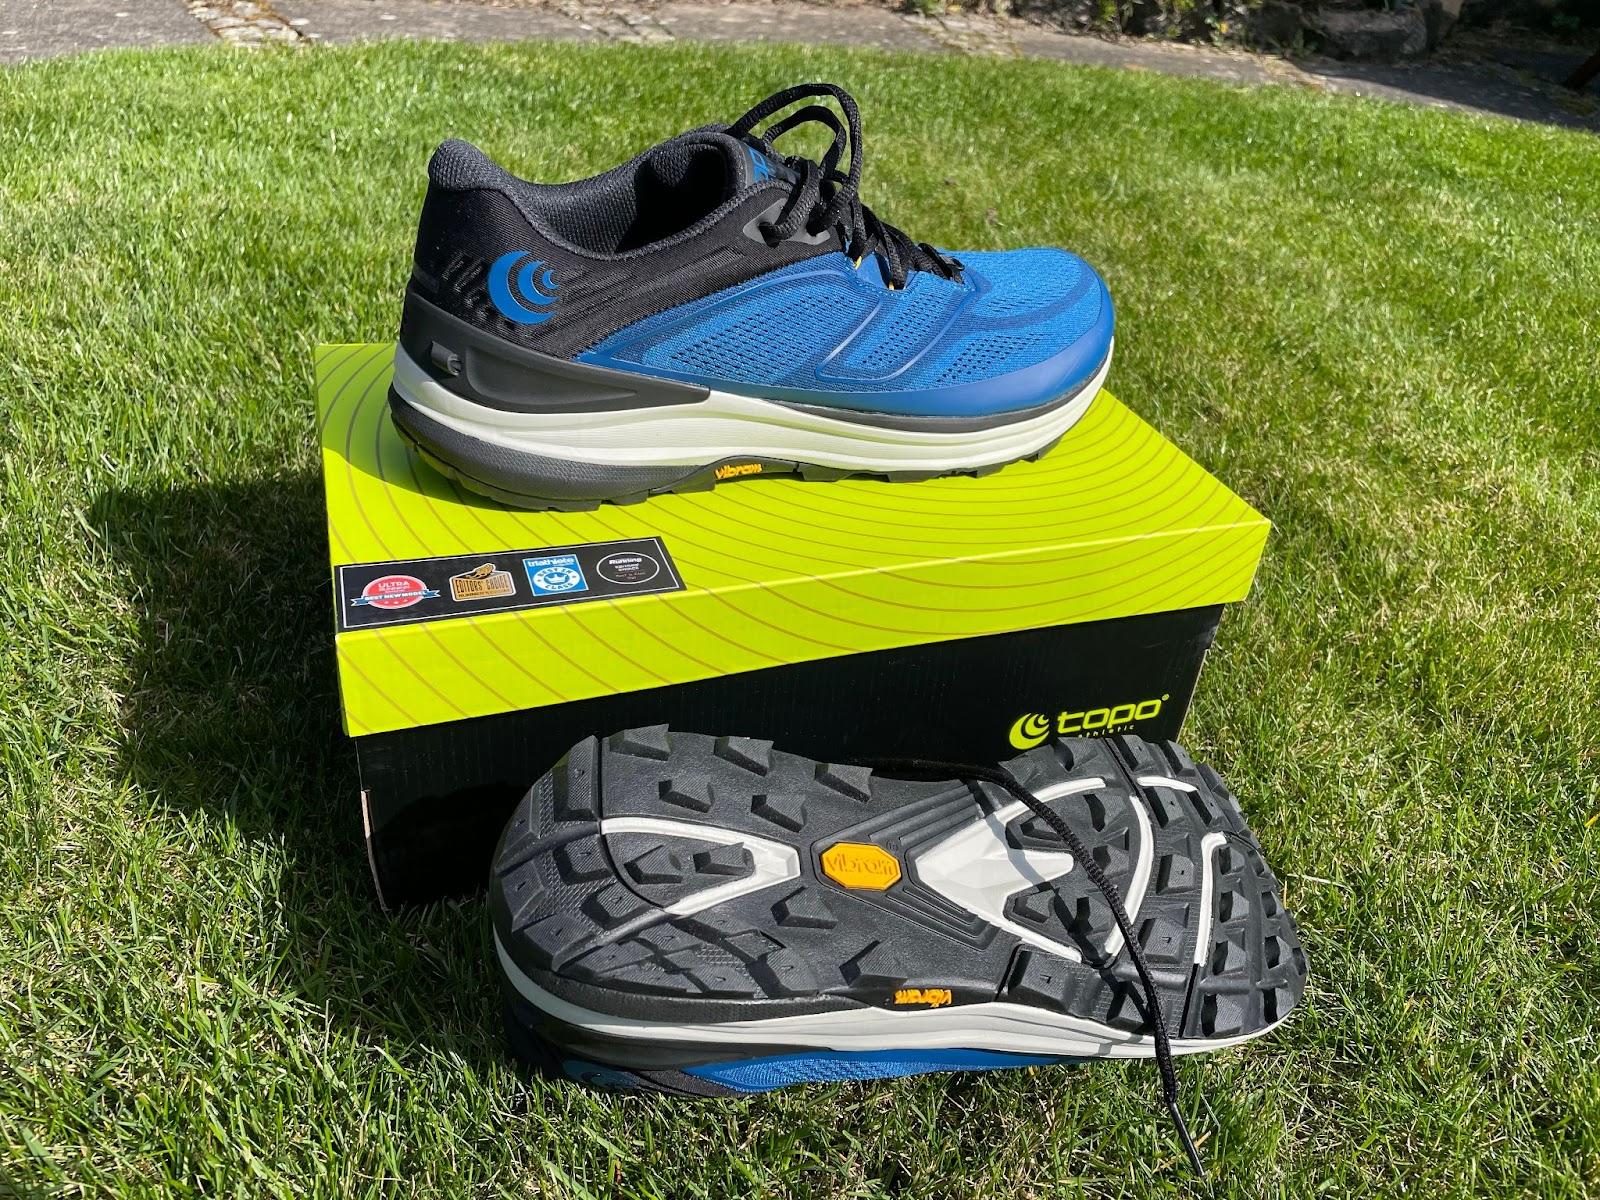 Topo ST-2 Laufschuh ohne Sprengung ideal für Natural Running sehr leichter